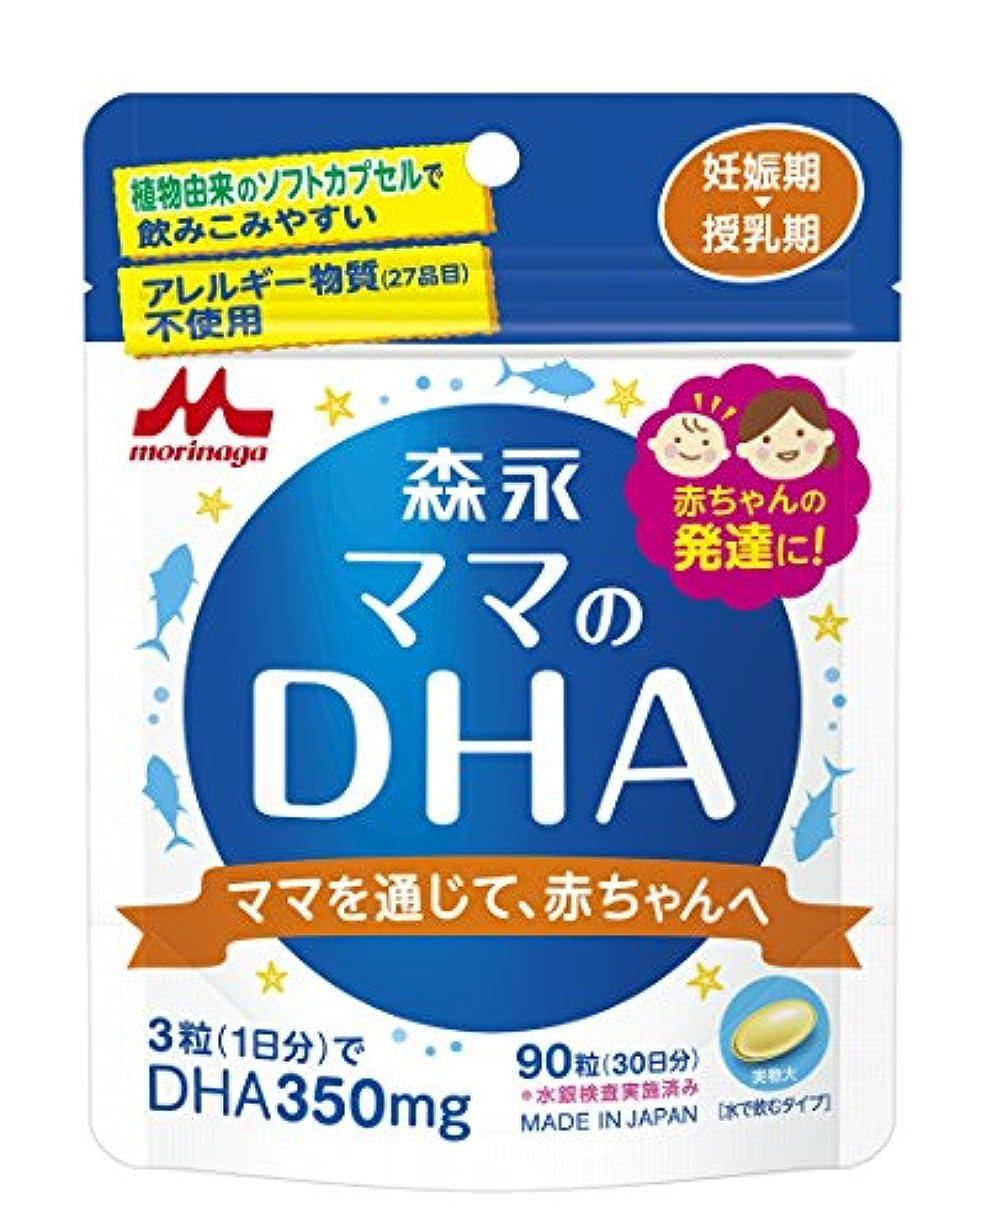 屈辱するスキーム故意の森永 ママのDHA 90粒入 (約30日分) 妊娠期~授乳期